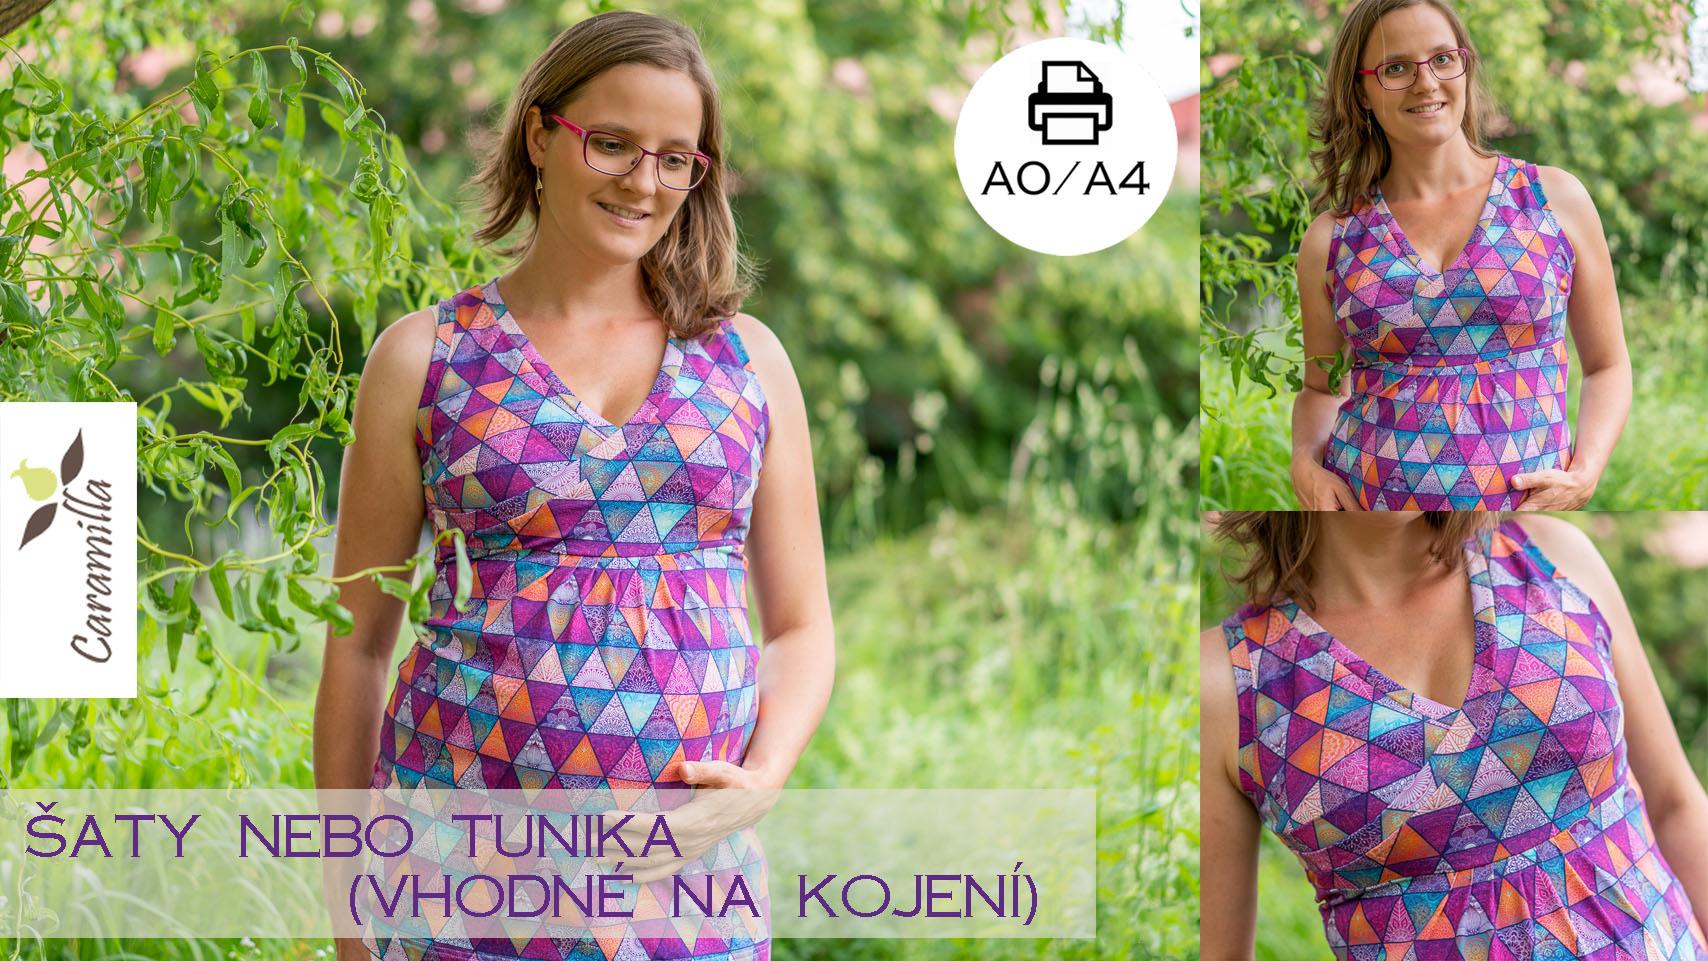 Šaty / tunika bez rukávů s překříženým výstřihem (verze nabíraná, hladká, na větší prsa, menší prsa, vhodné na kojení)